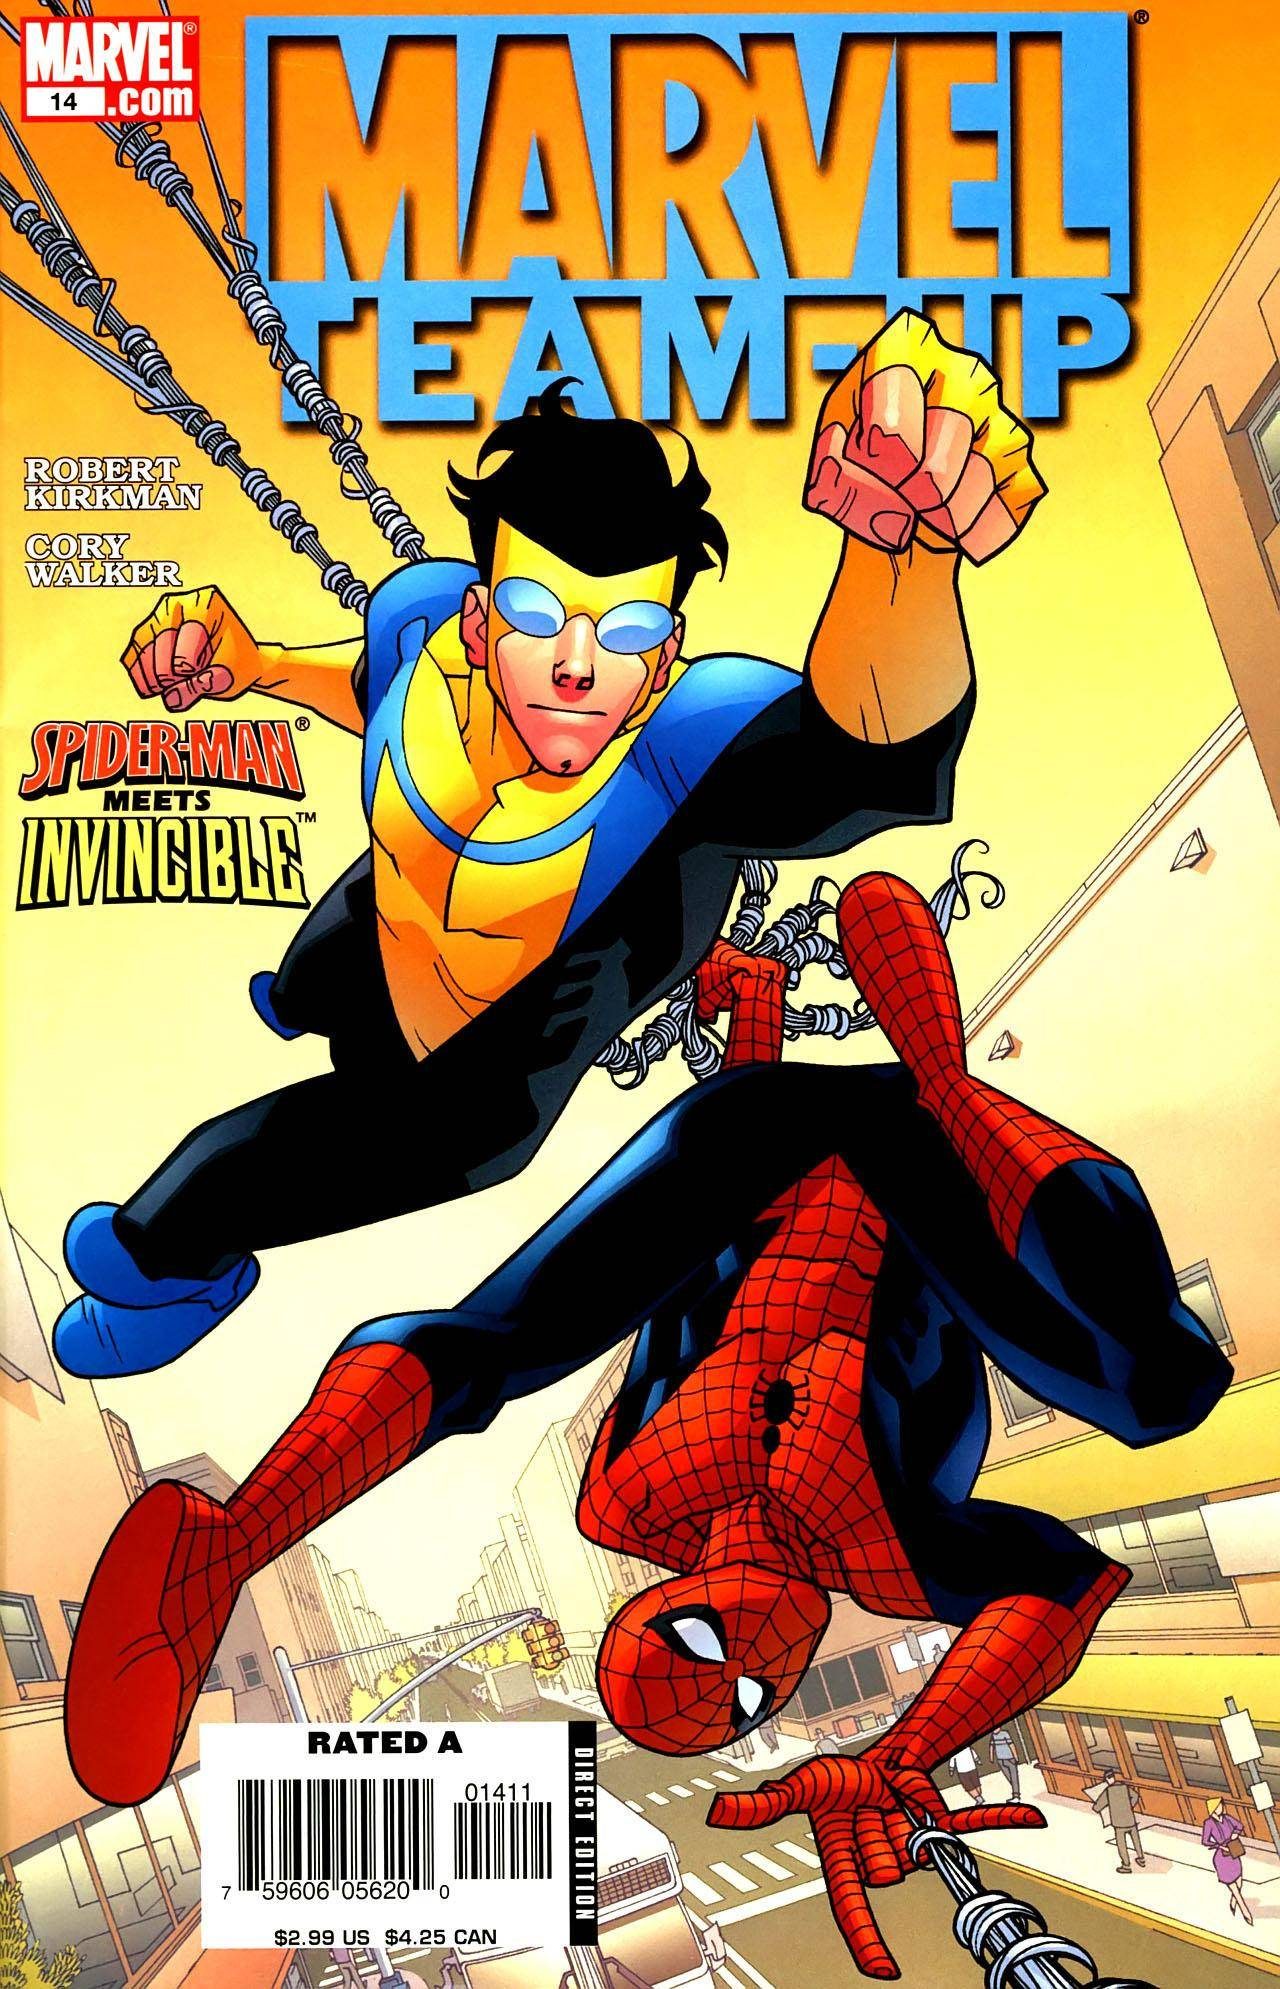 Marvel Team-Up v3 14